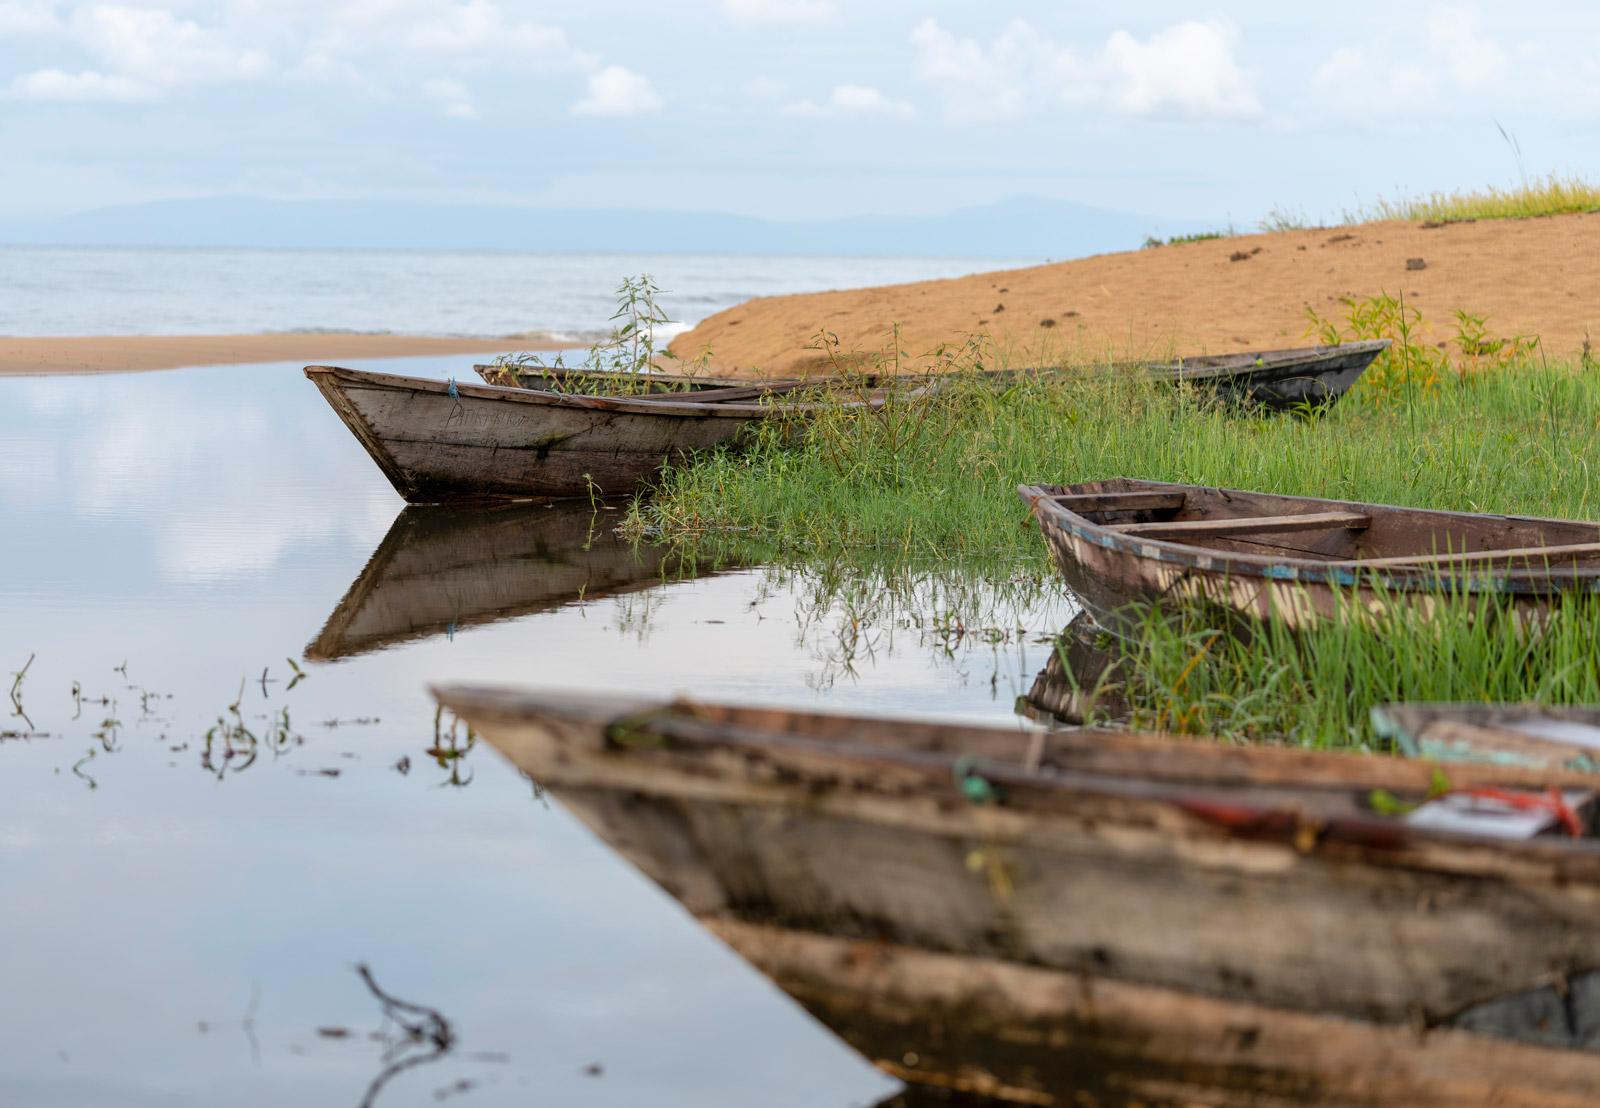 Boats along the shore of Lake Malawi